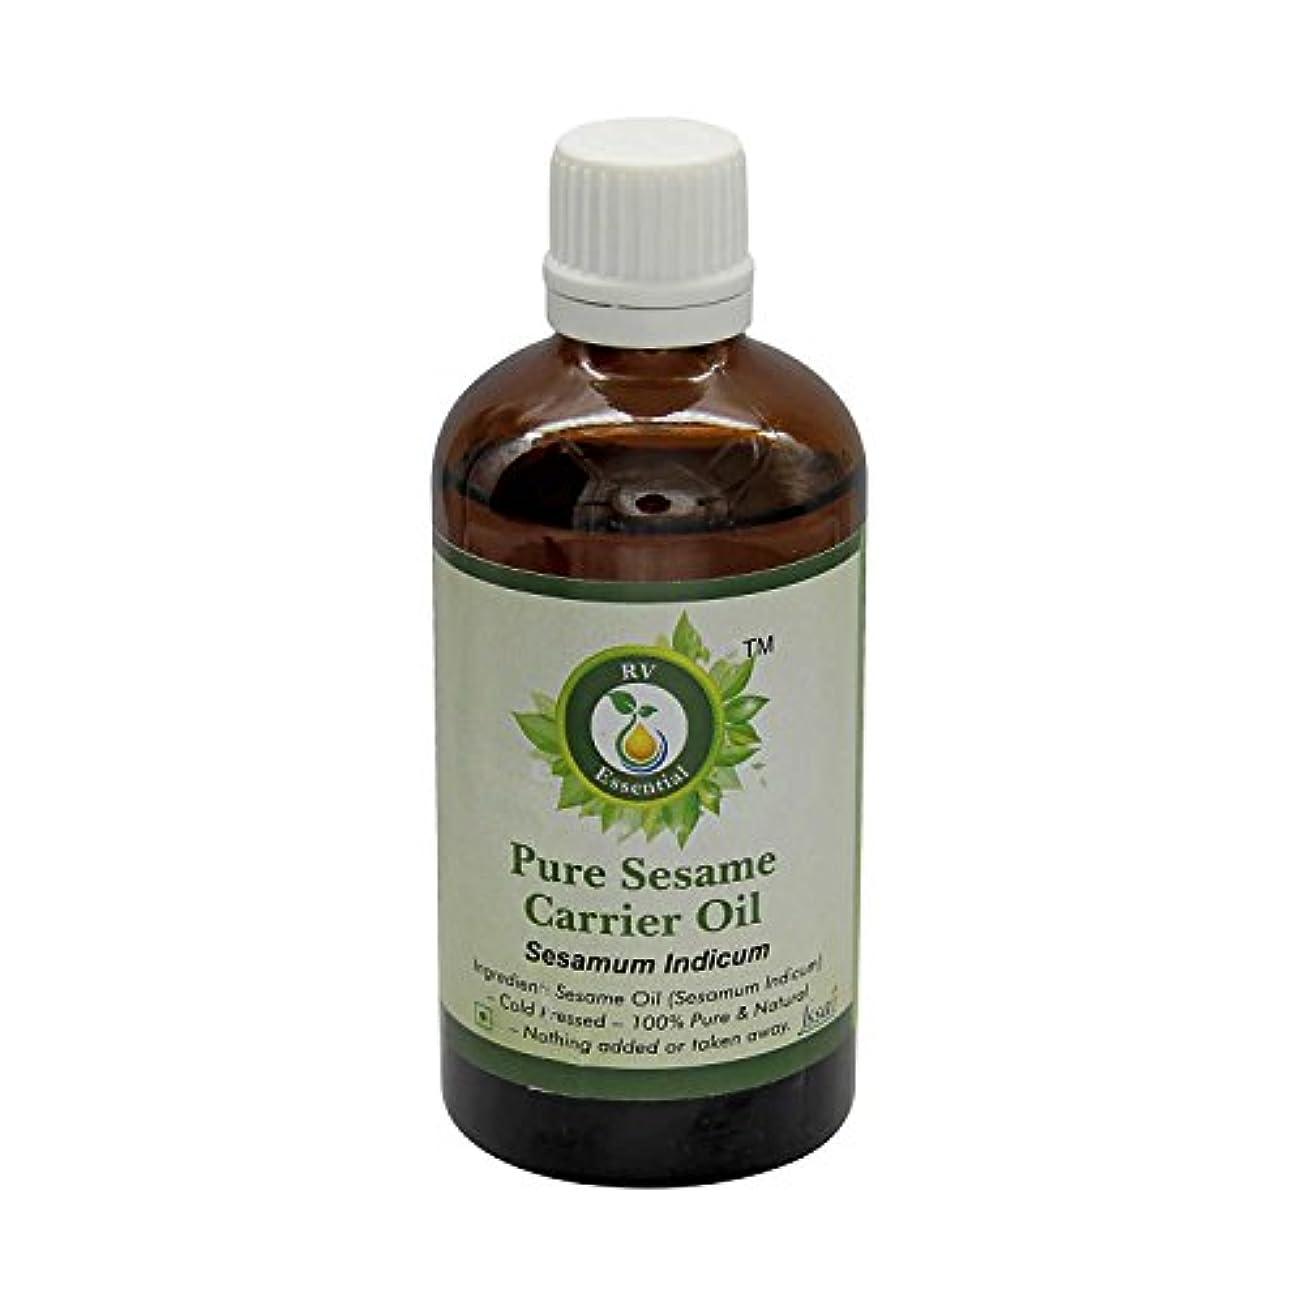 として洗剤盲目R V Essential 純粋なごま油15ml (0.507oz)- Sesamum Indicum (100%ピュア&ナチュラルコールドPressed) Pure Sesame Carrier Oil